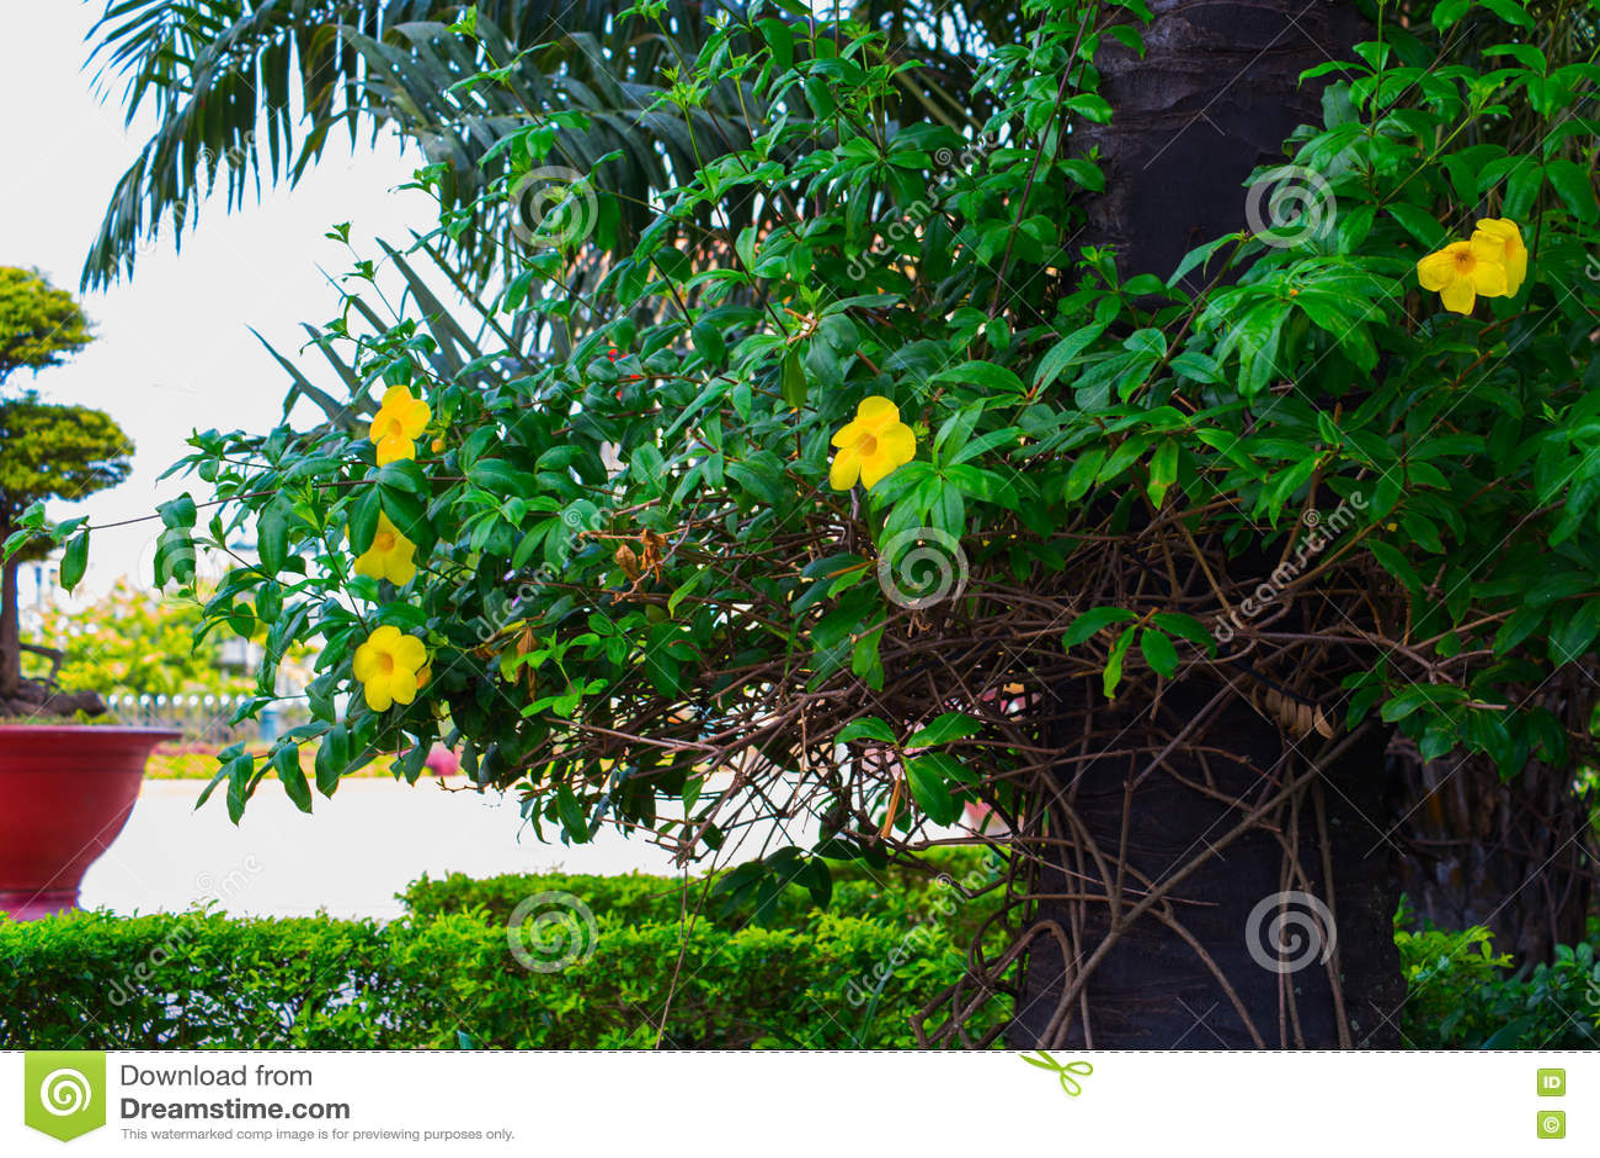 Beaux Arbustes Avec Les Fleurs Jaunes Et Arbres Avec Les Feuilles